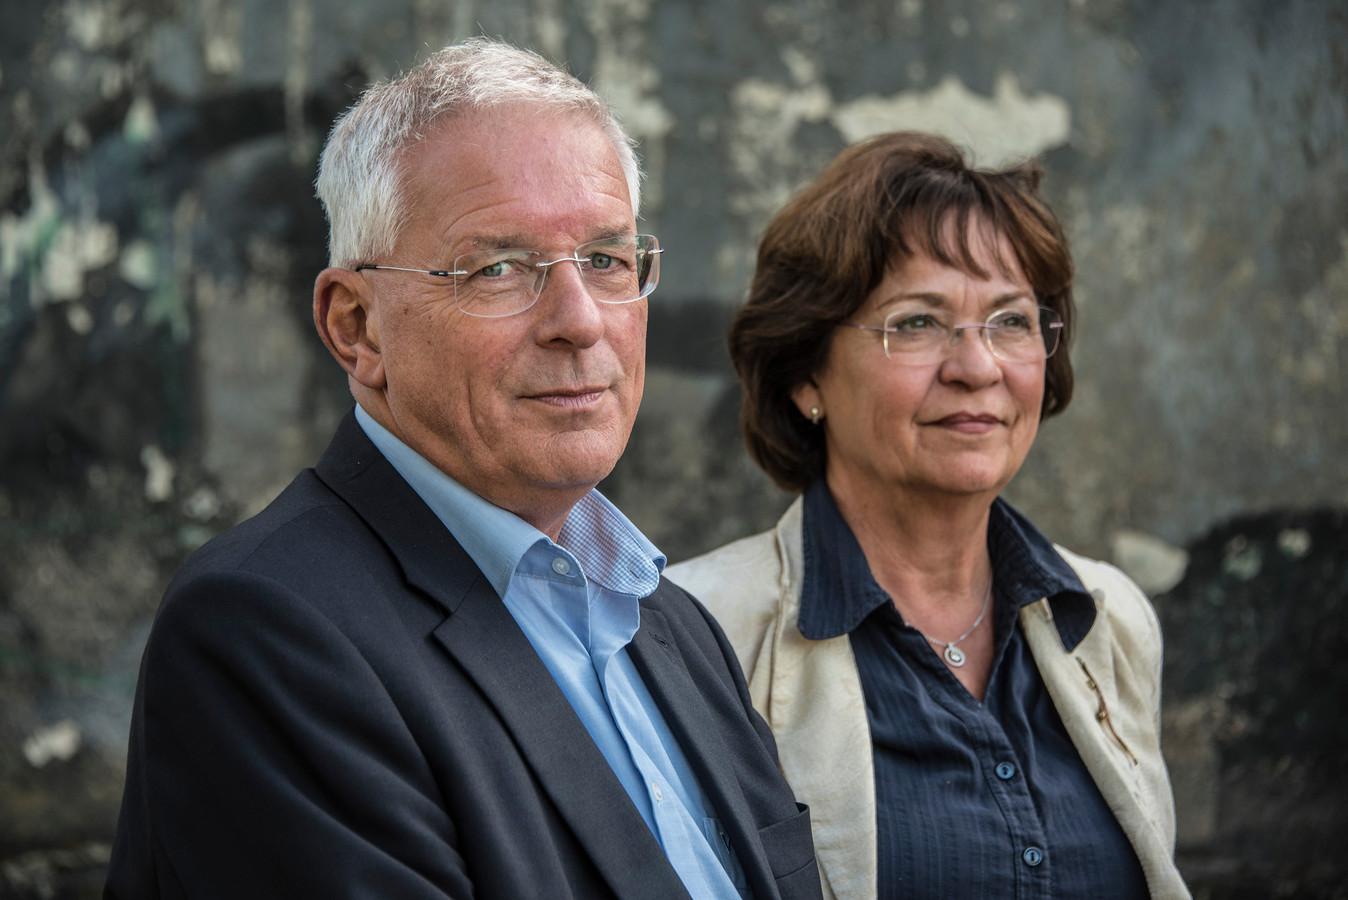 Peter de Koning van Gennep samen met zijn vrouw Edith.